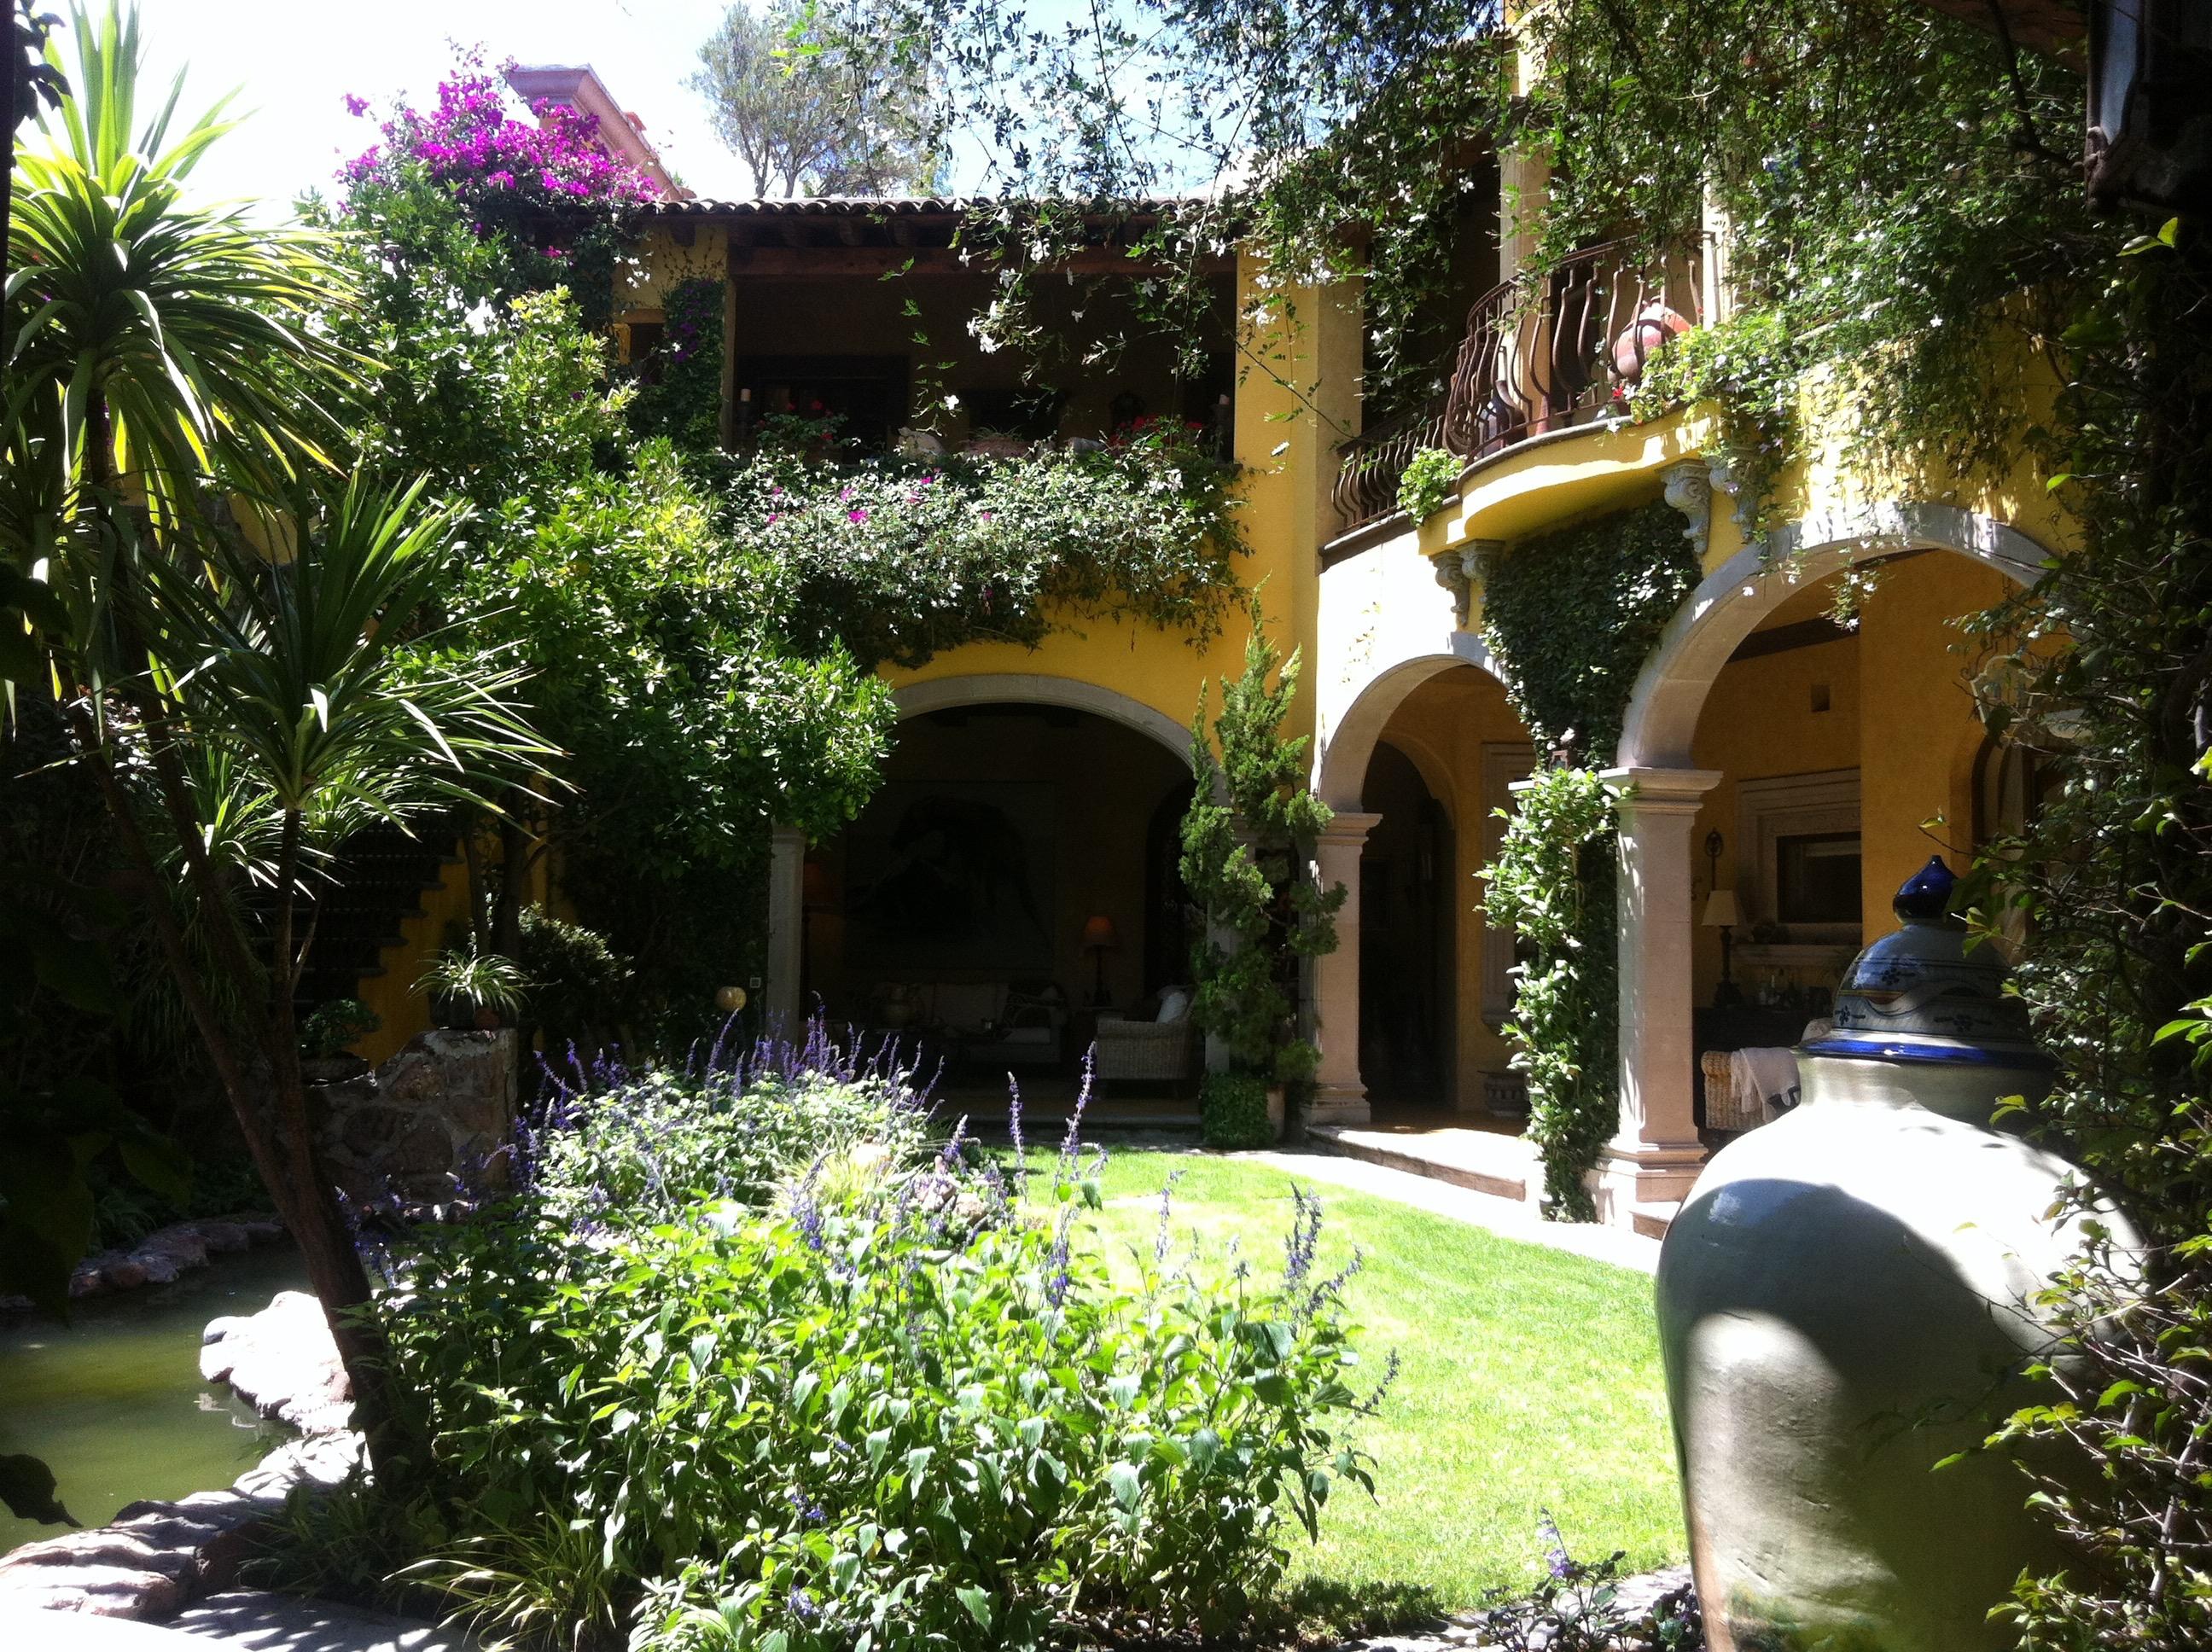 villaclarabella_03 garden 2 story ext